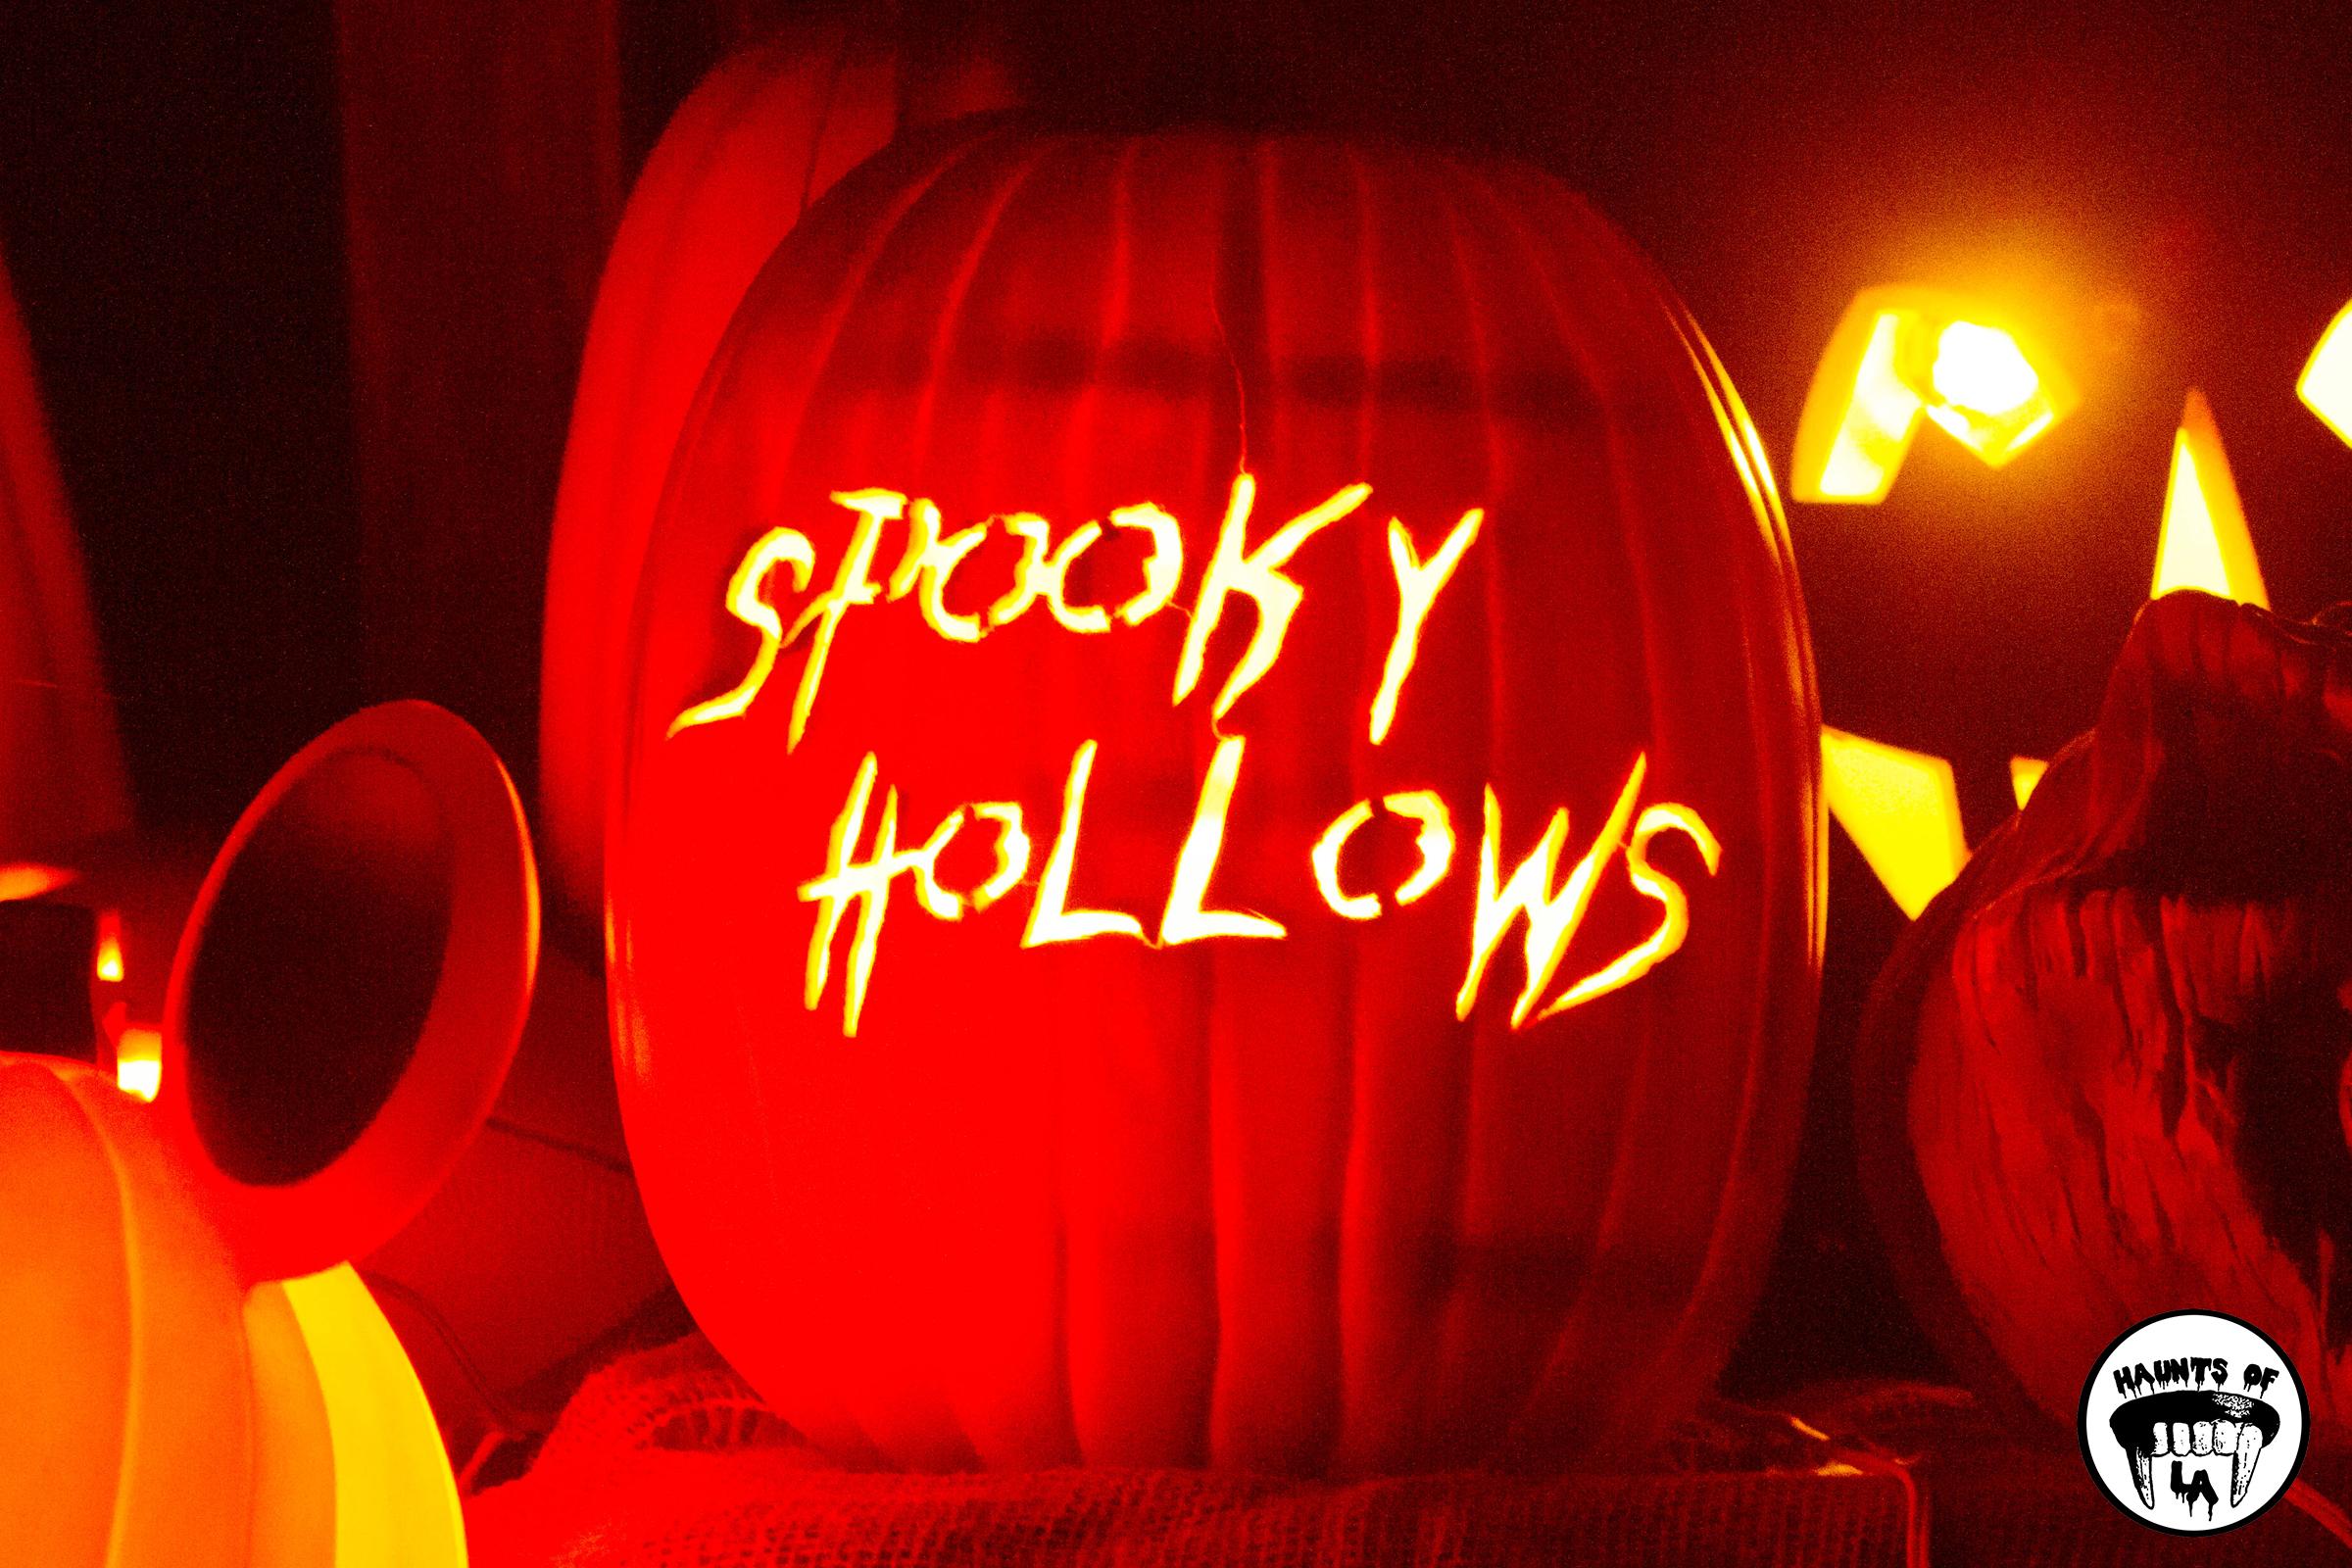 HOLA Spooky Hallows sized (1).jpg